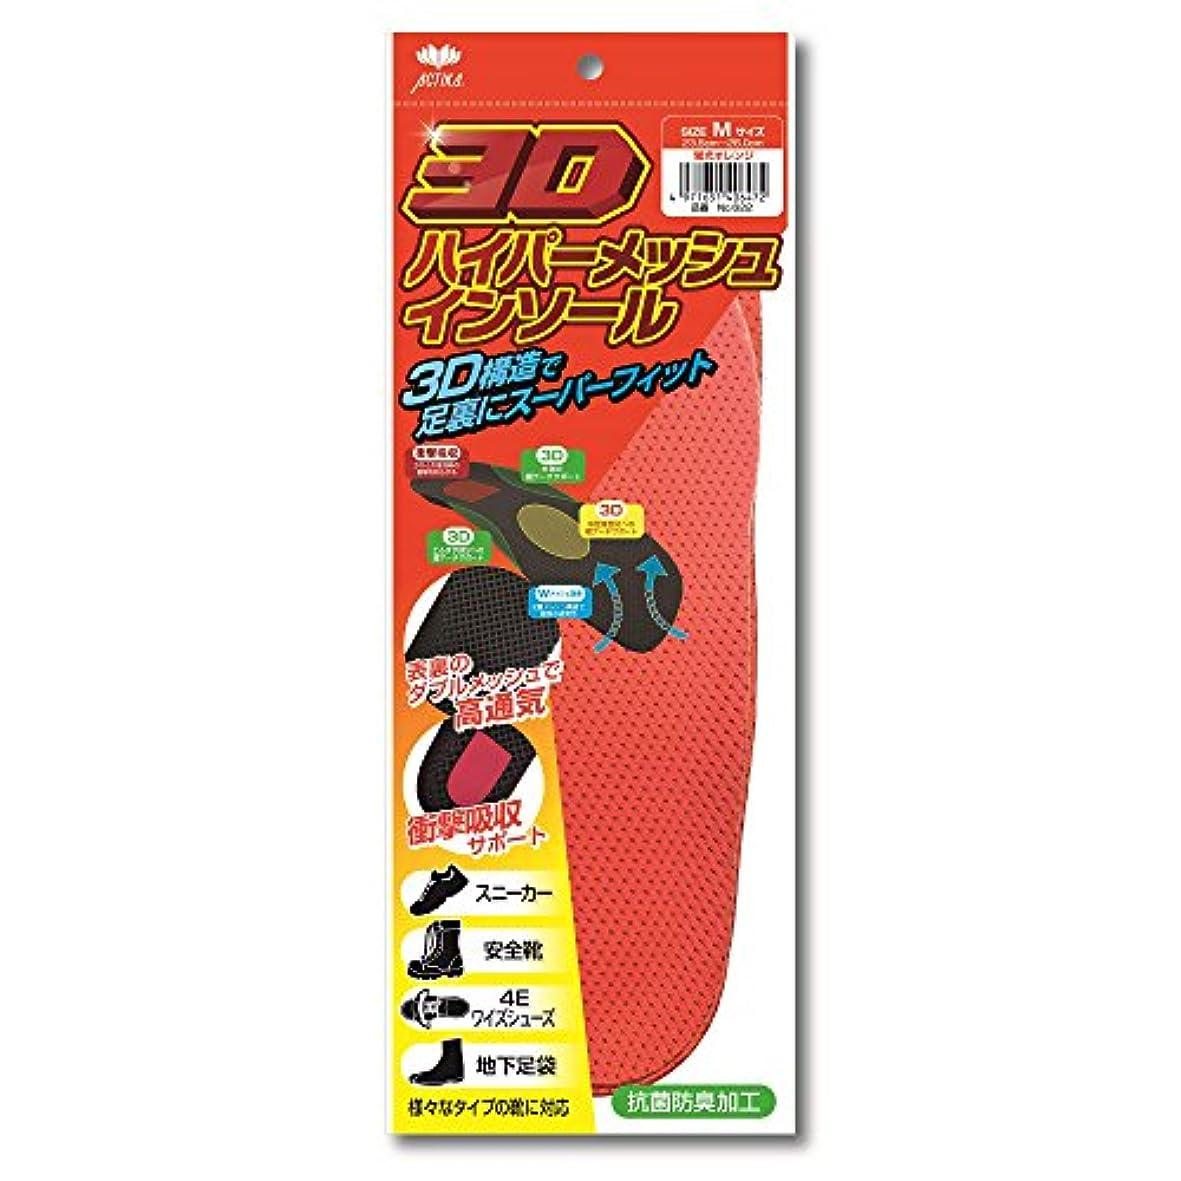 多様体追記特性アクティカ 3Dハイパーメッシュインソール オレンジ 男性用 No.622 L(26.0~28.0cm)